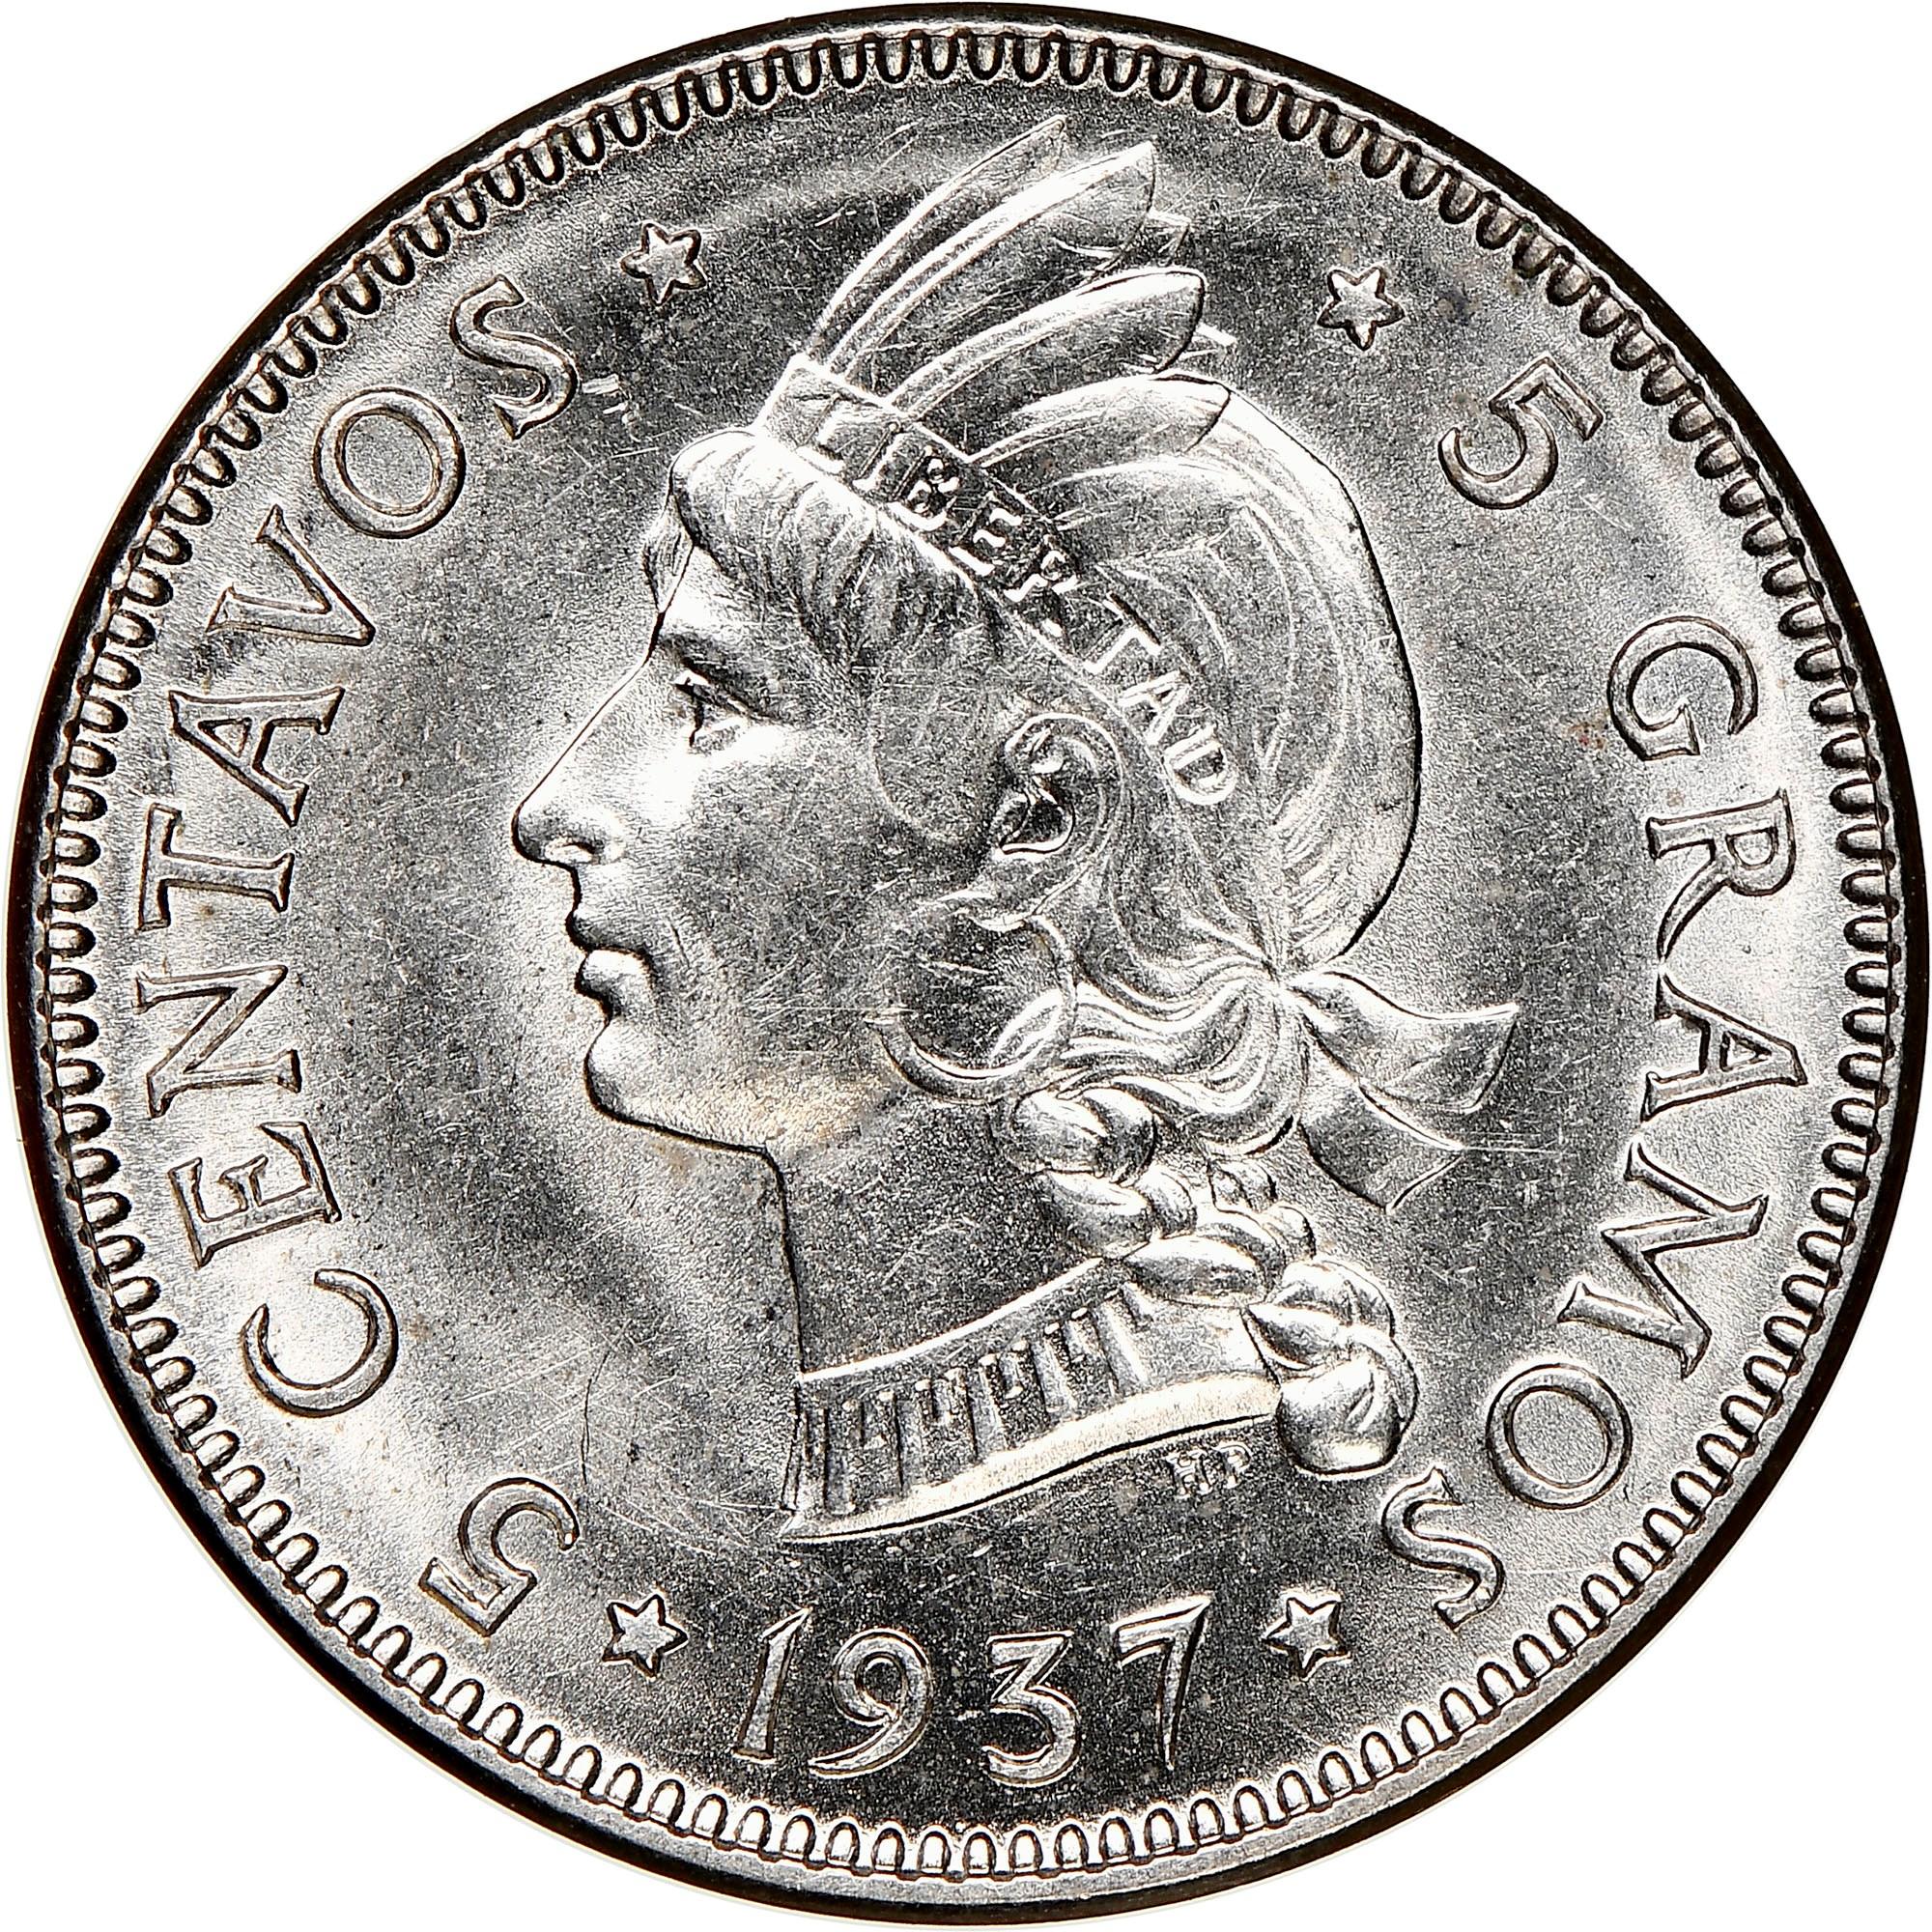 Dominican Republic 5 Centavos reverse